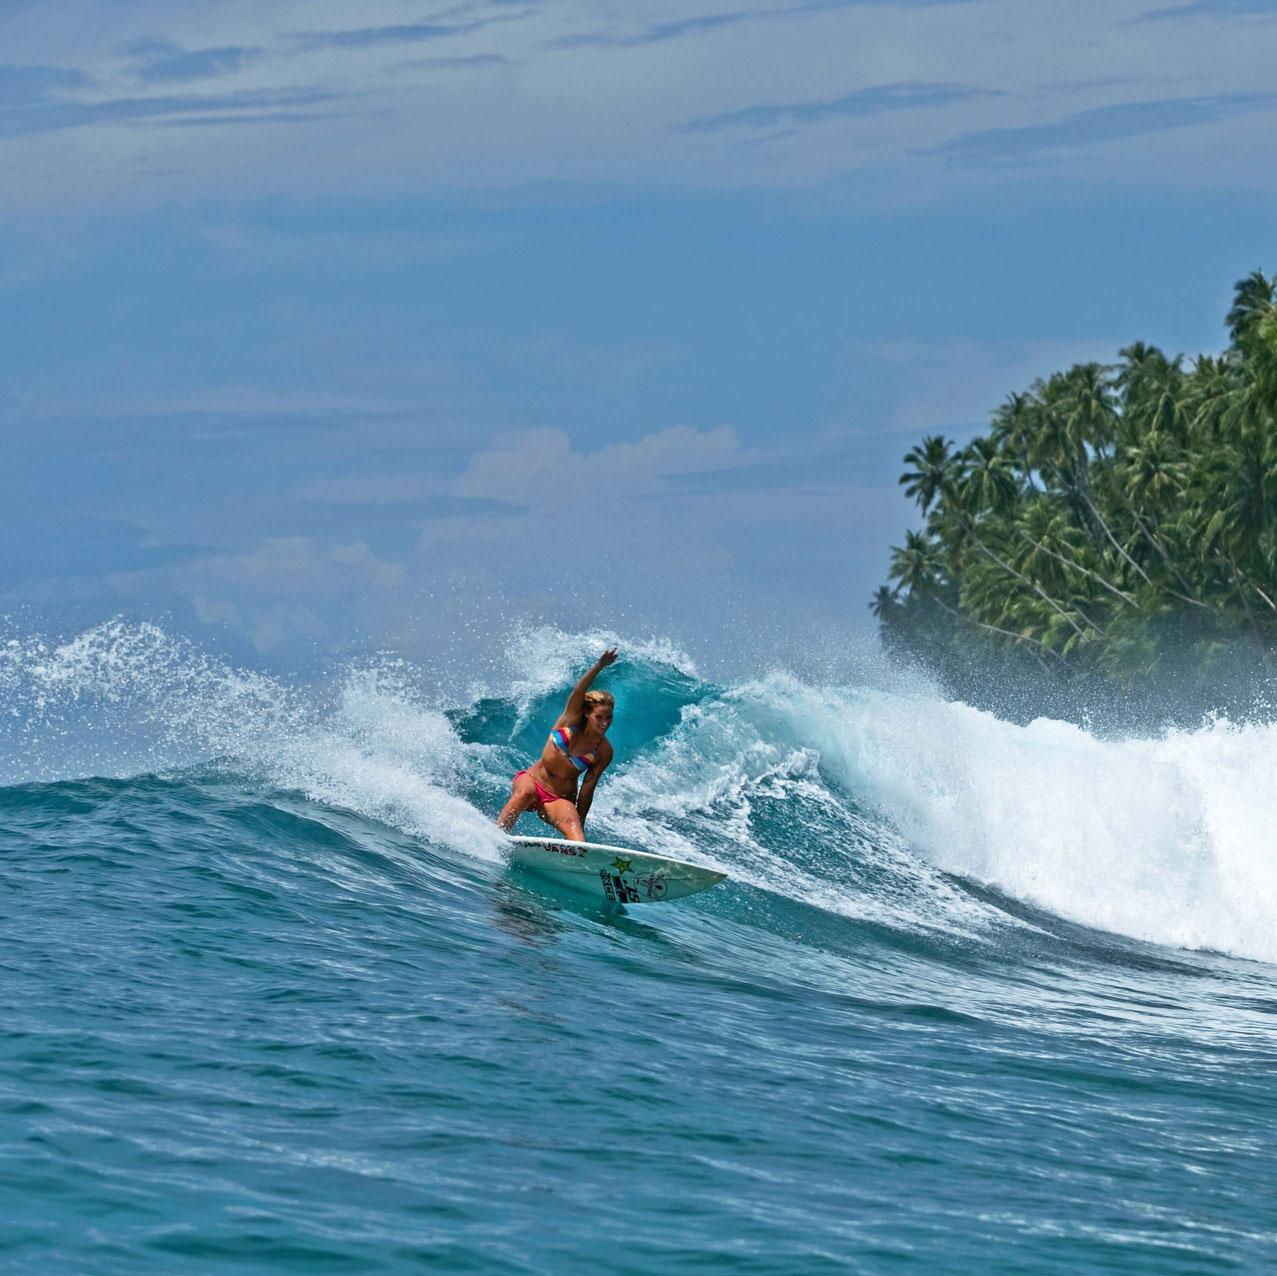 Das Paradies auf Erden für jeden Surfer. Wir haben es für euch gefunden.